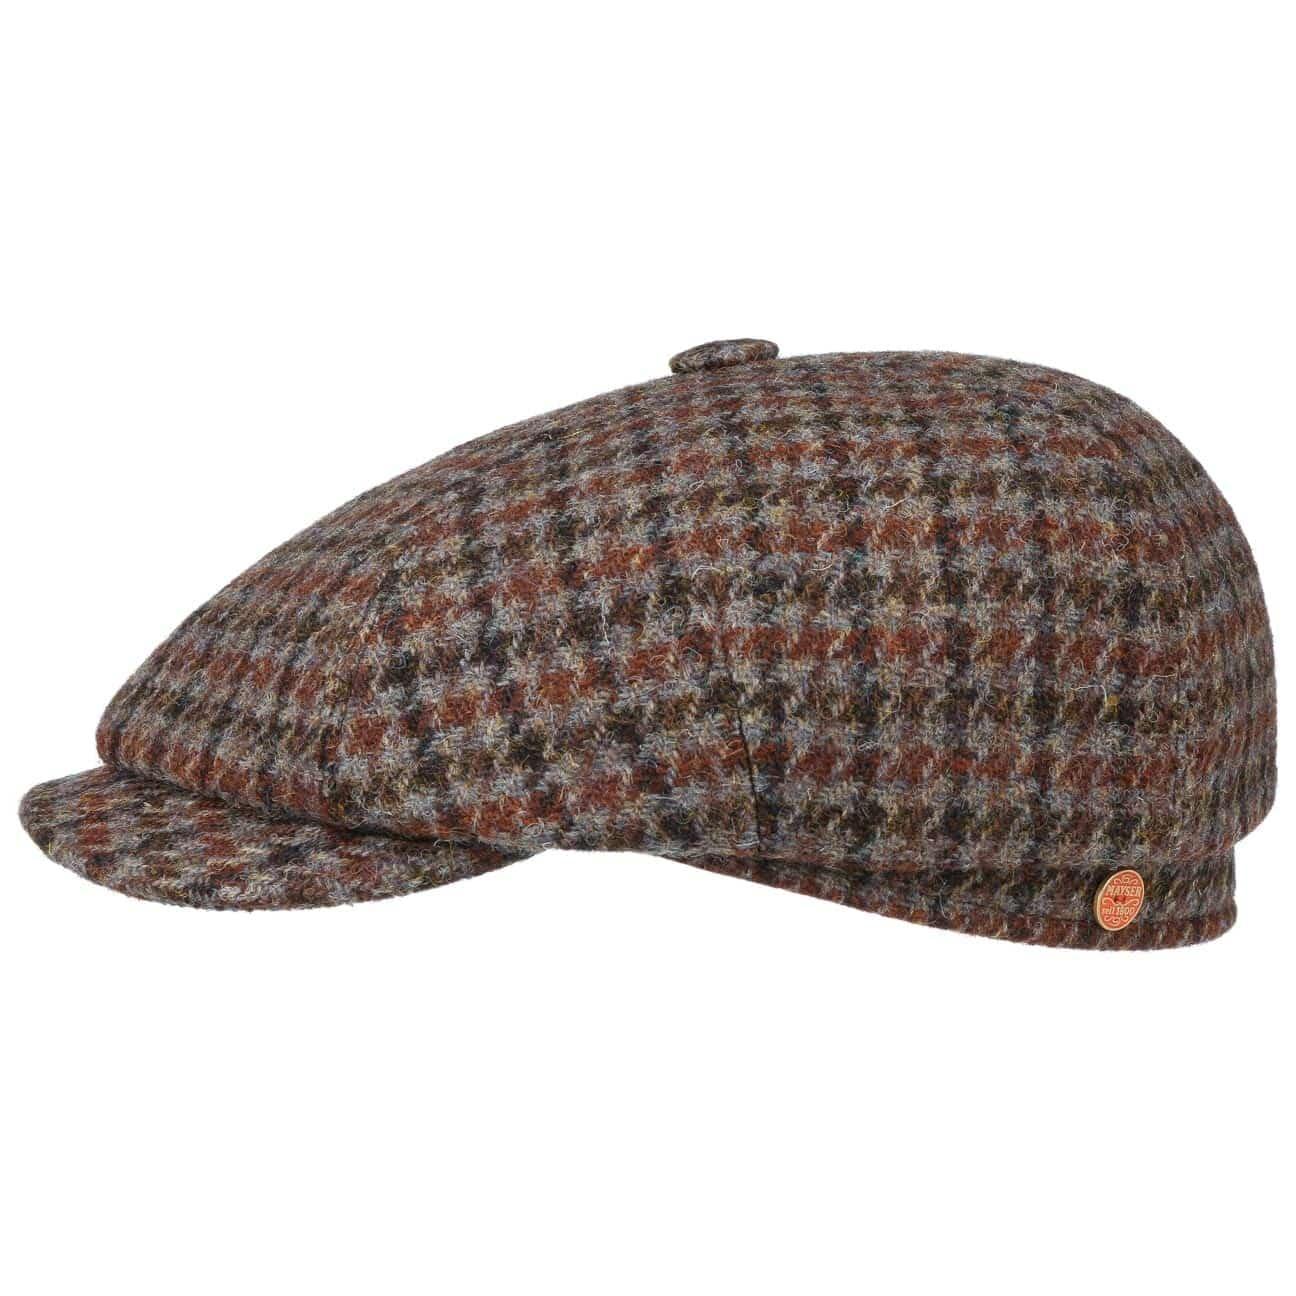 seven-harris-tweed-cap-by-mayser-wollcap